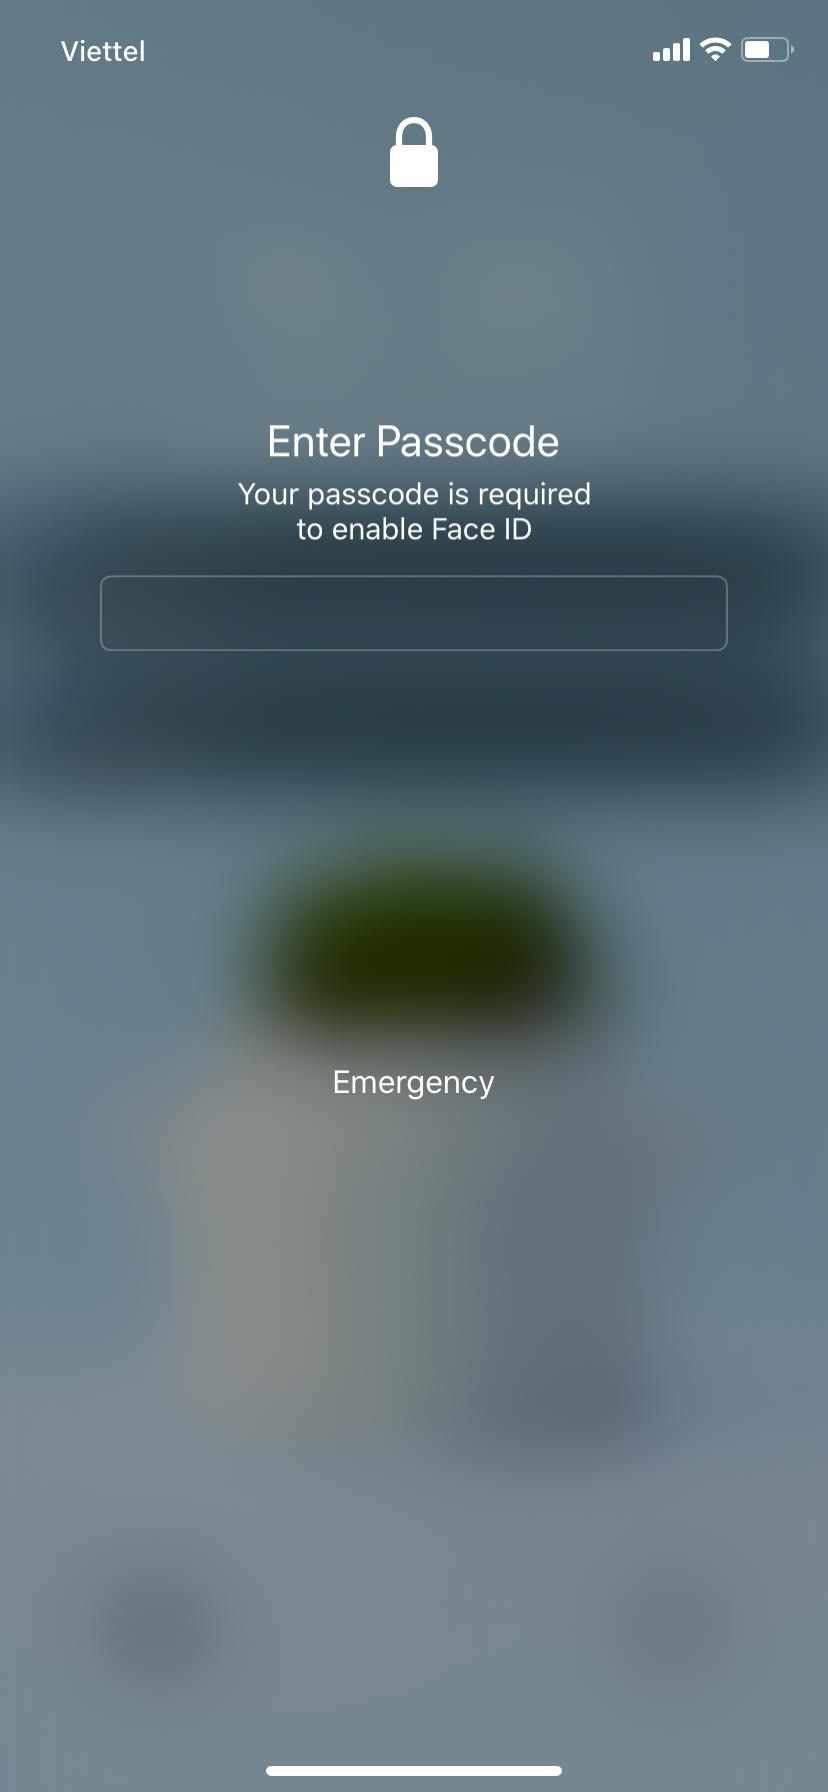 Cách vô hiệu hóa nhanh Face/Touch ID tạm thời cho iPhone - ảnh 1